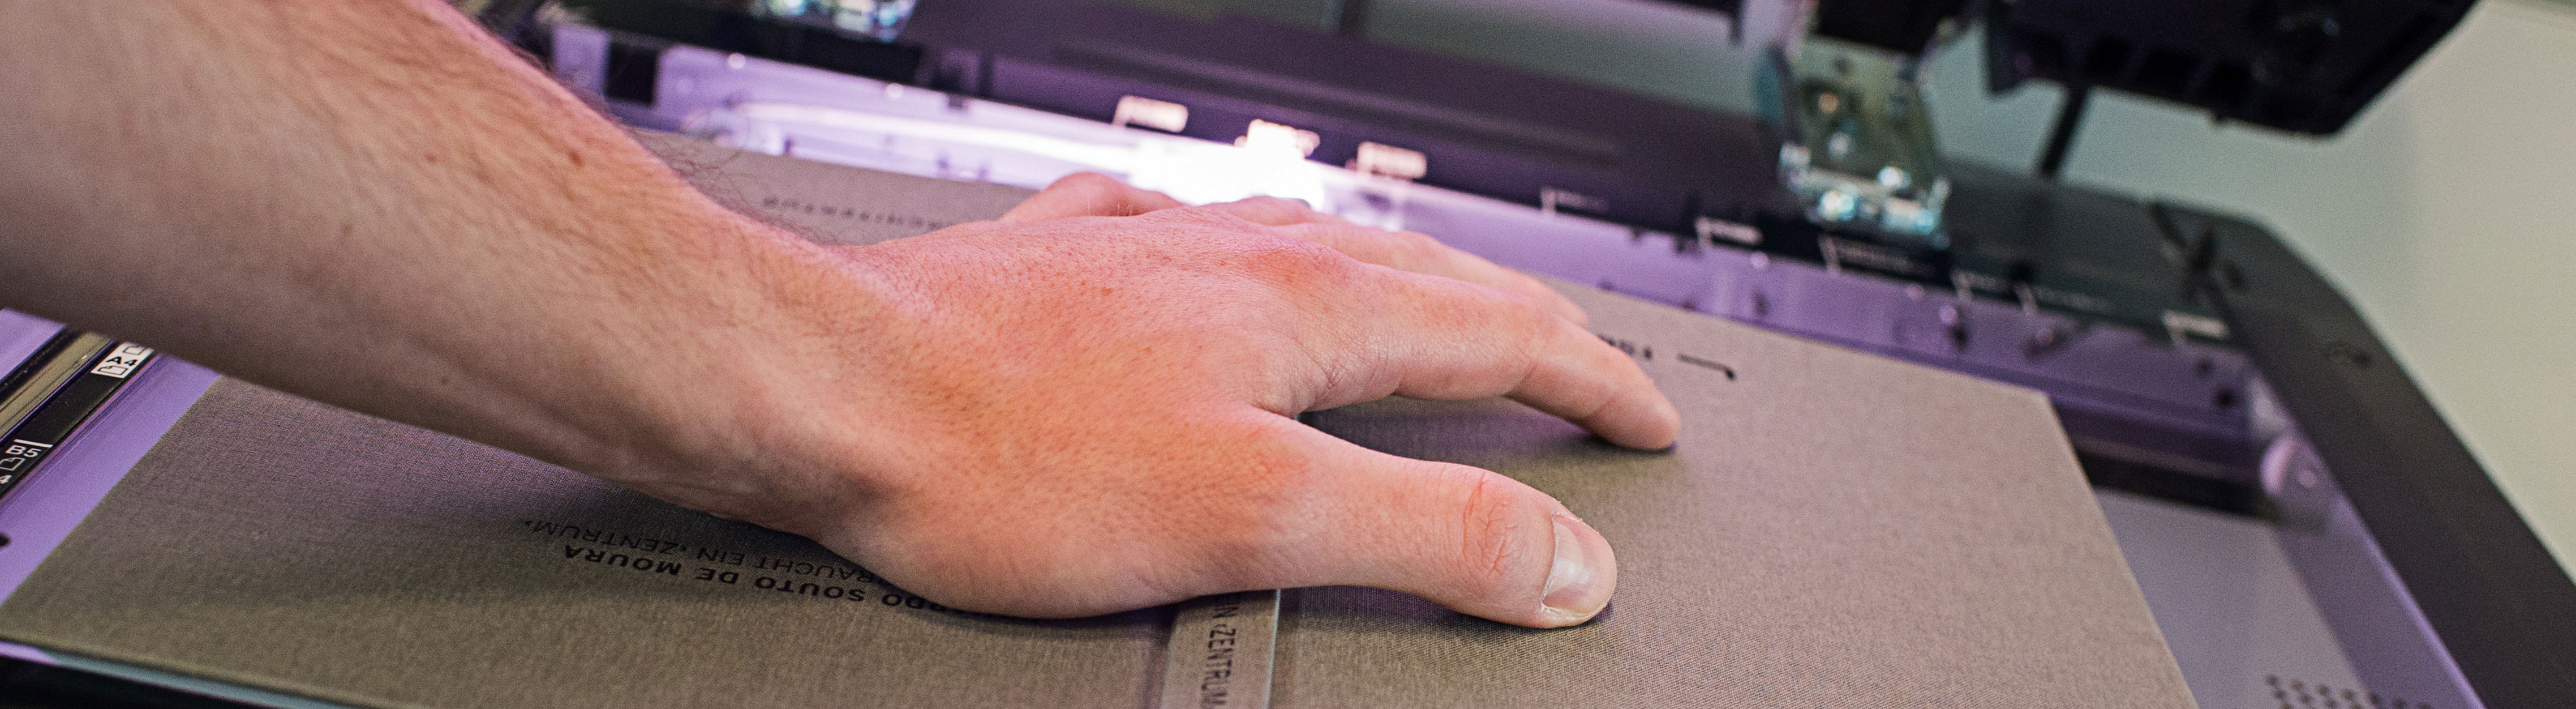 Ein Buch liegt aufgeschlagen auf einem Kopiergerät. Ein Hand liegt auf dem Buch; Foto: dpa